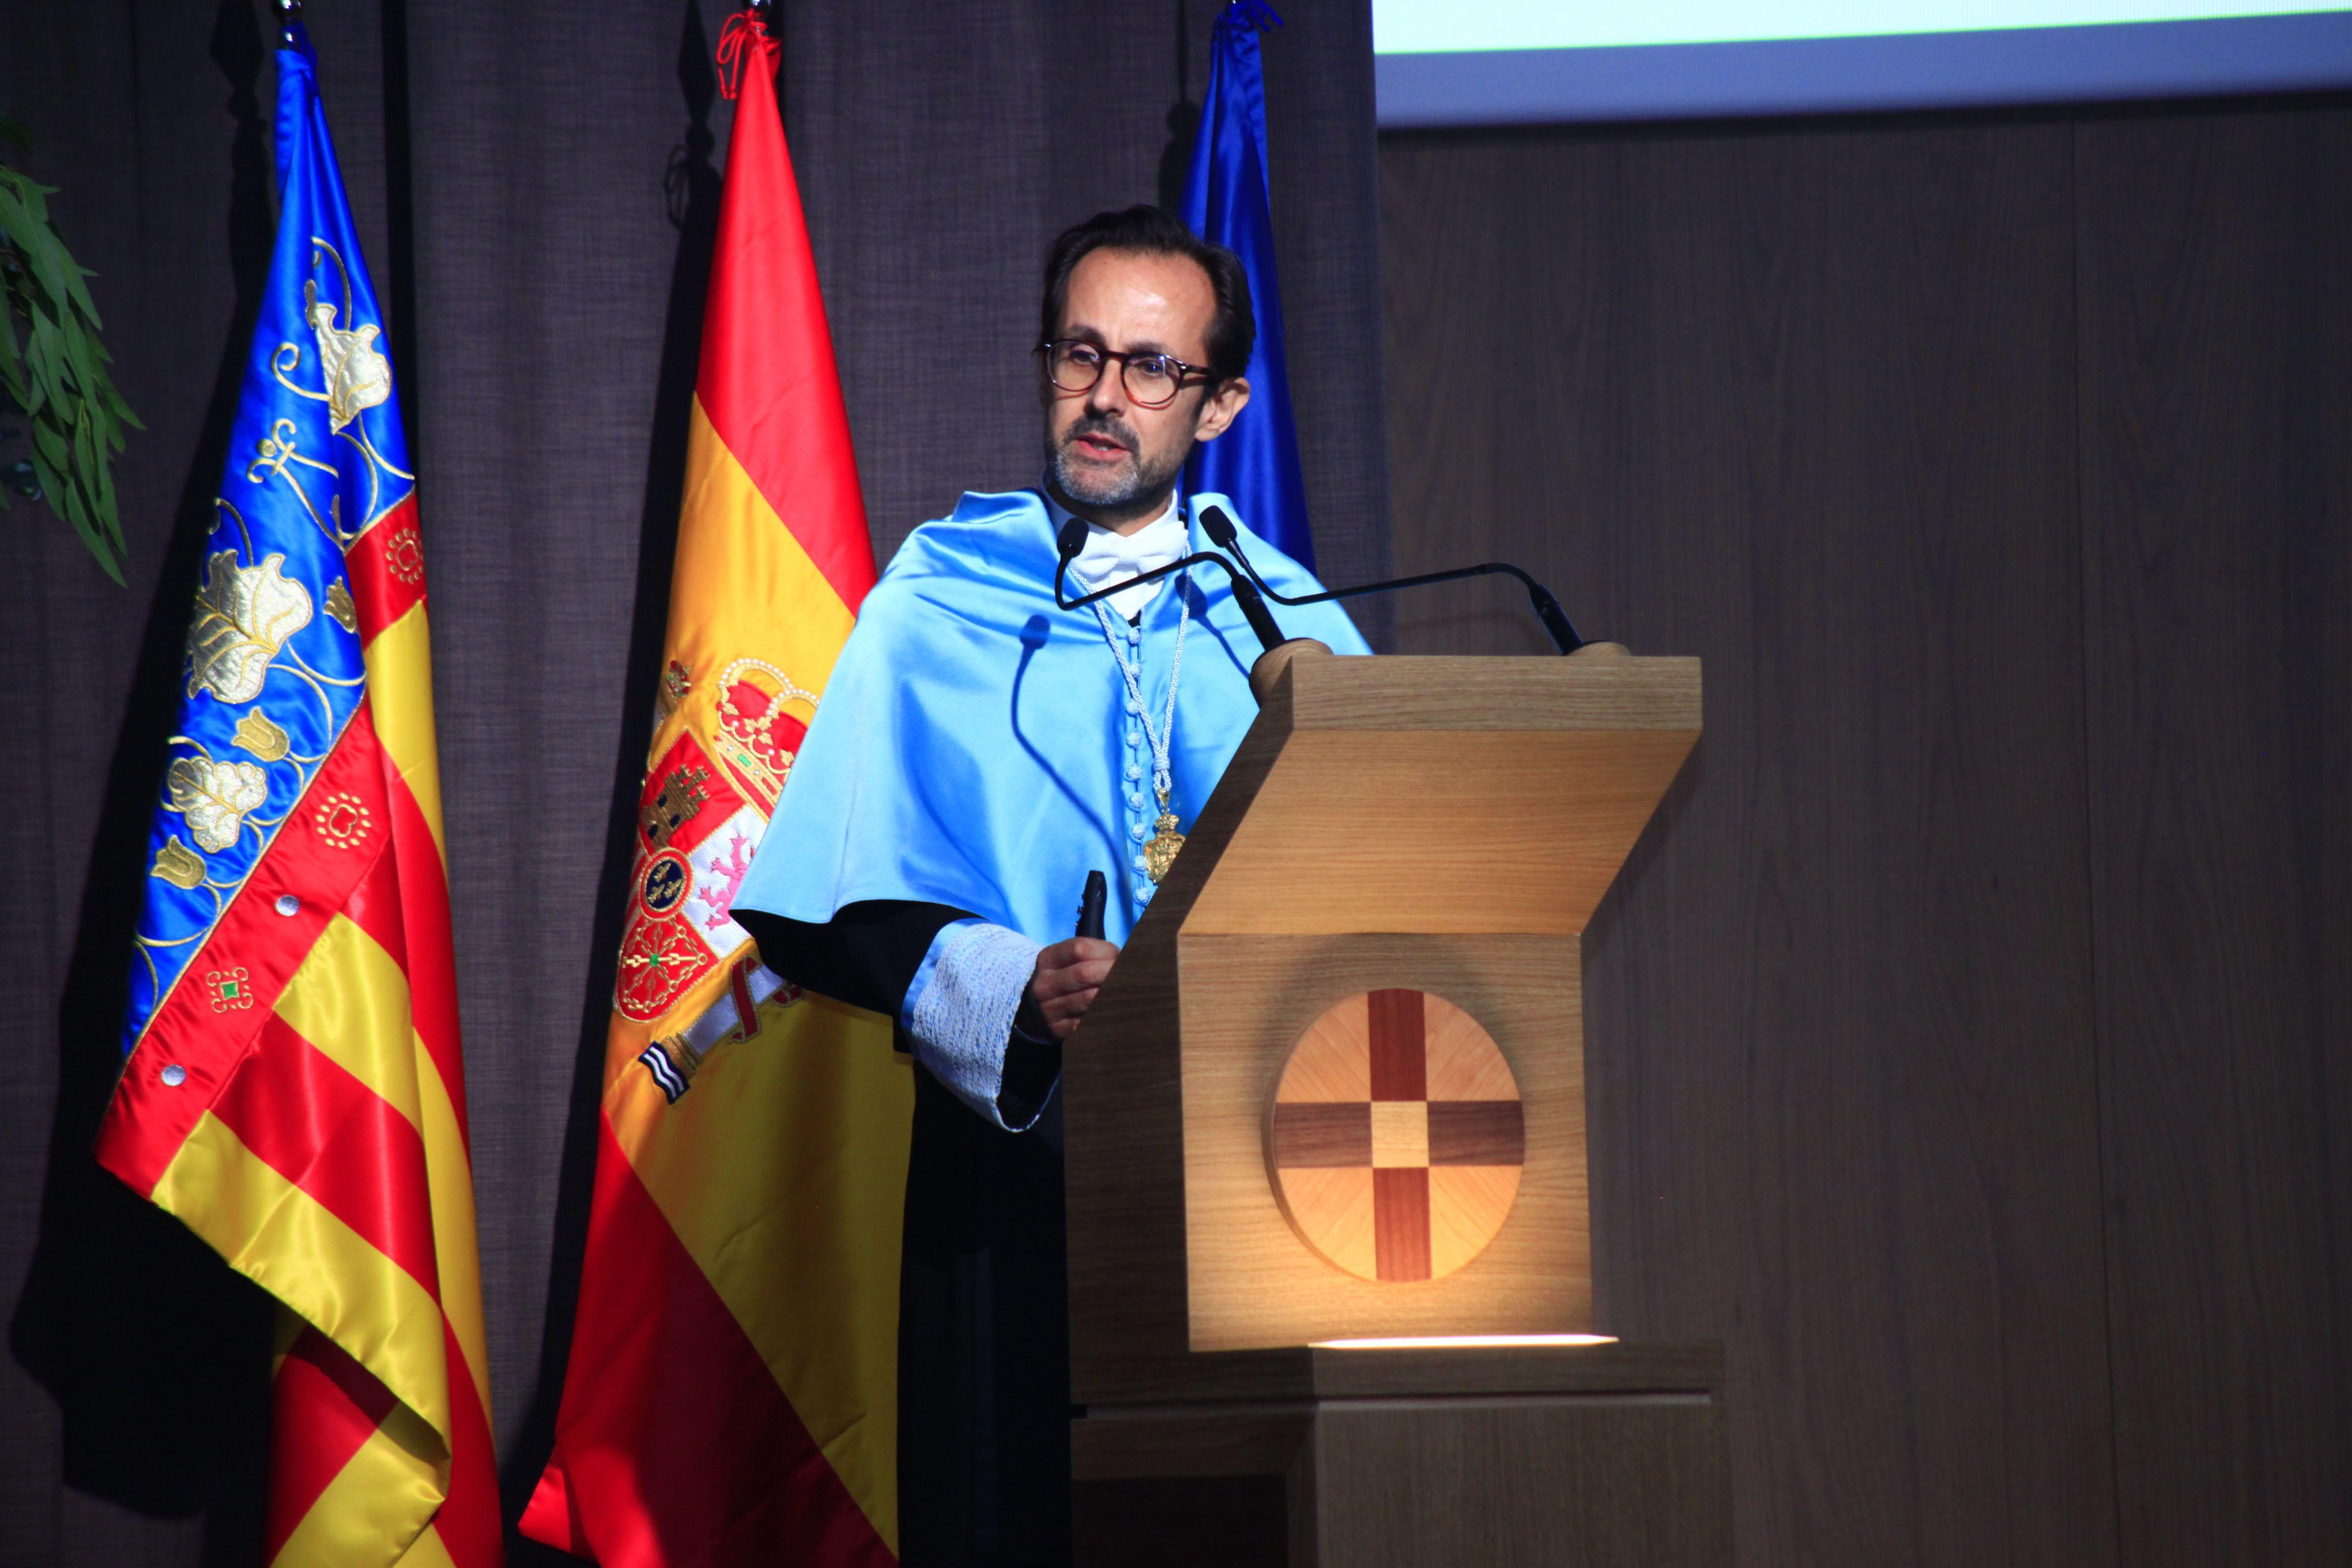 Emilio Callado, catedrático de Historia Moderna de la CEU UCH, durante la lección magistral sobre San Juan de Ribera en la apertura del curso 2019-20.